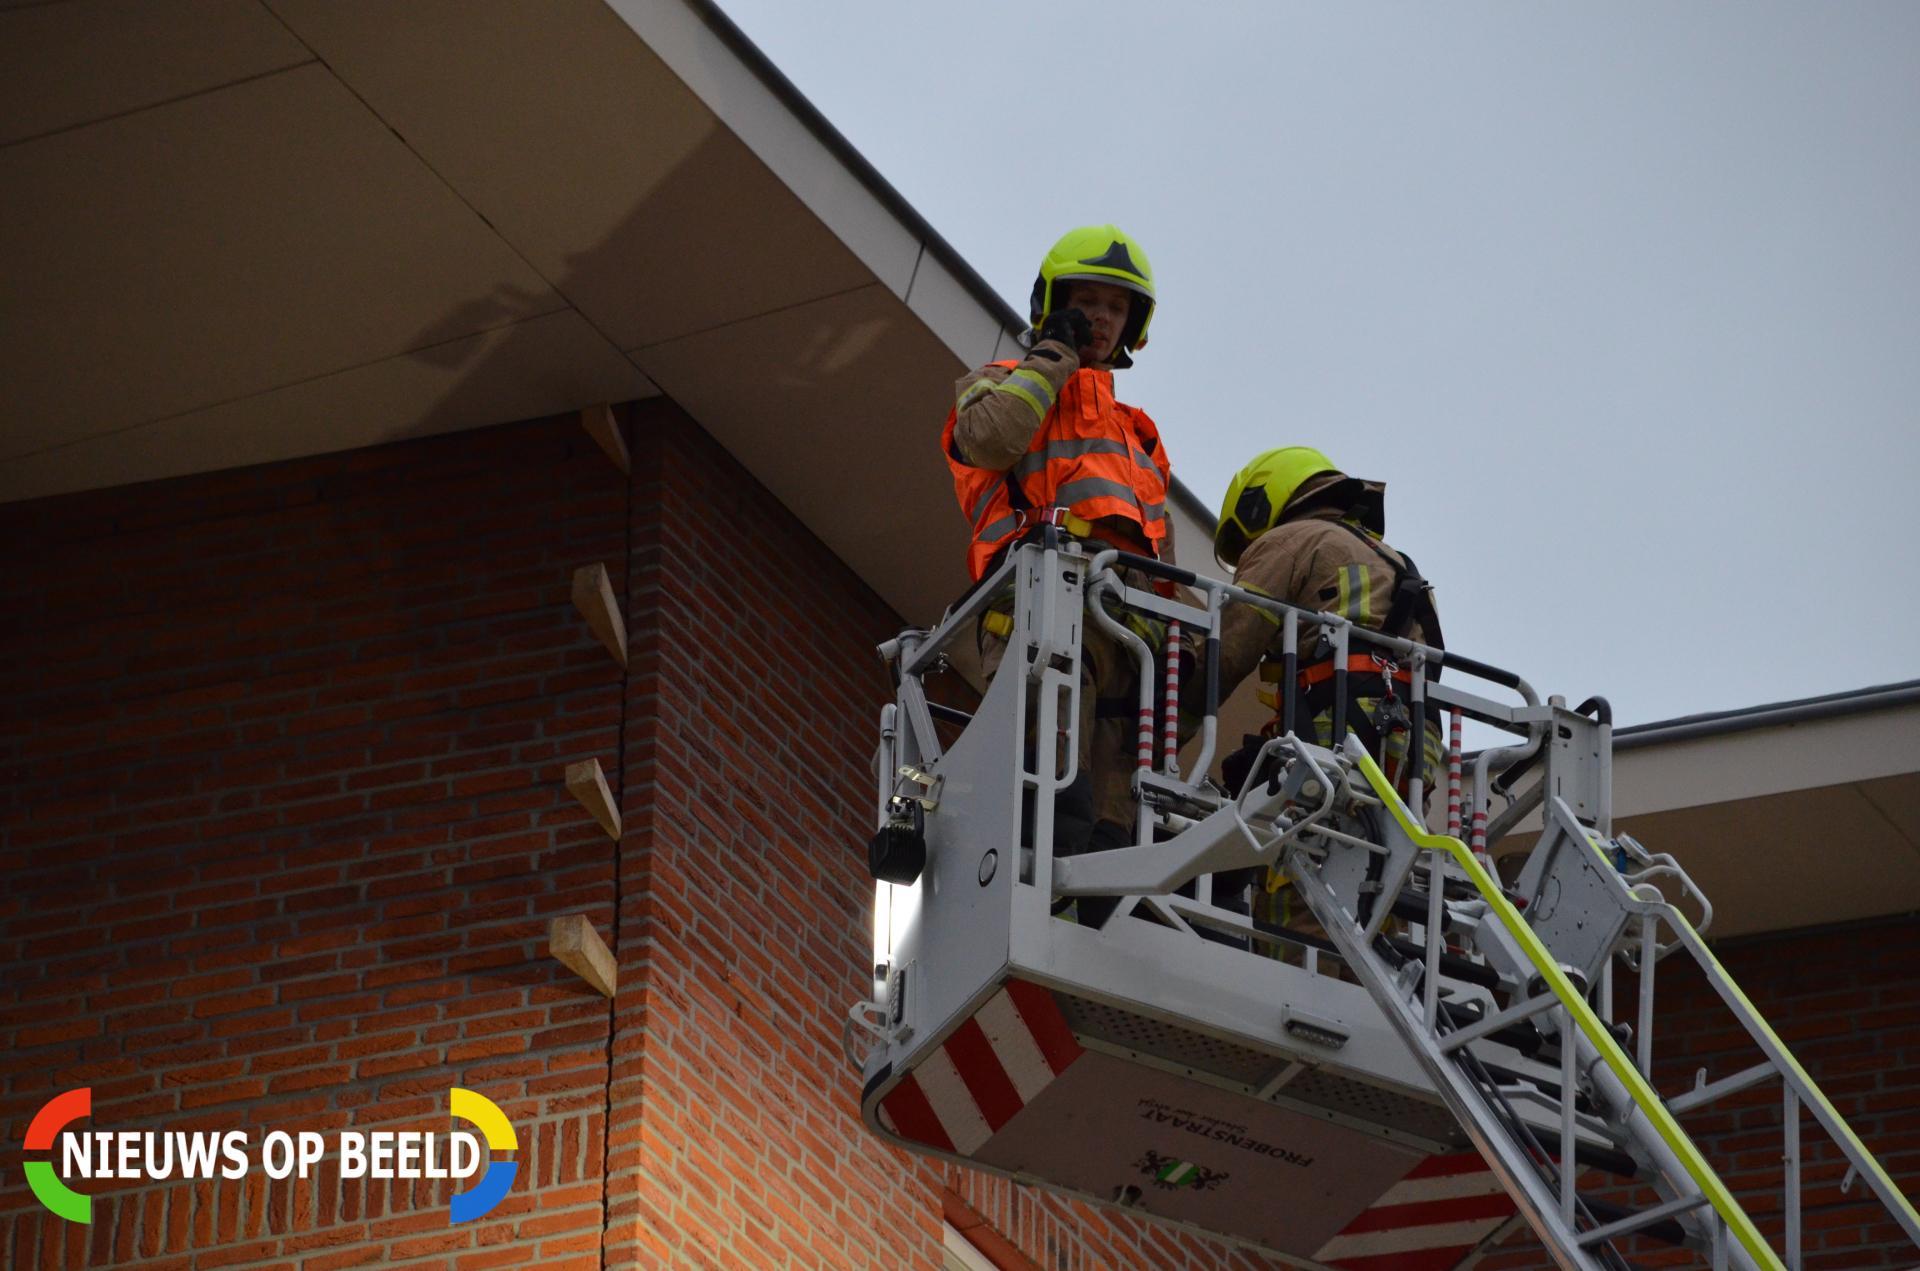 Brandweer stut muur die om dreigt te vallen Linie Berkel en Rodenrijs